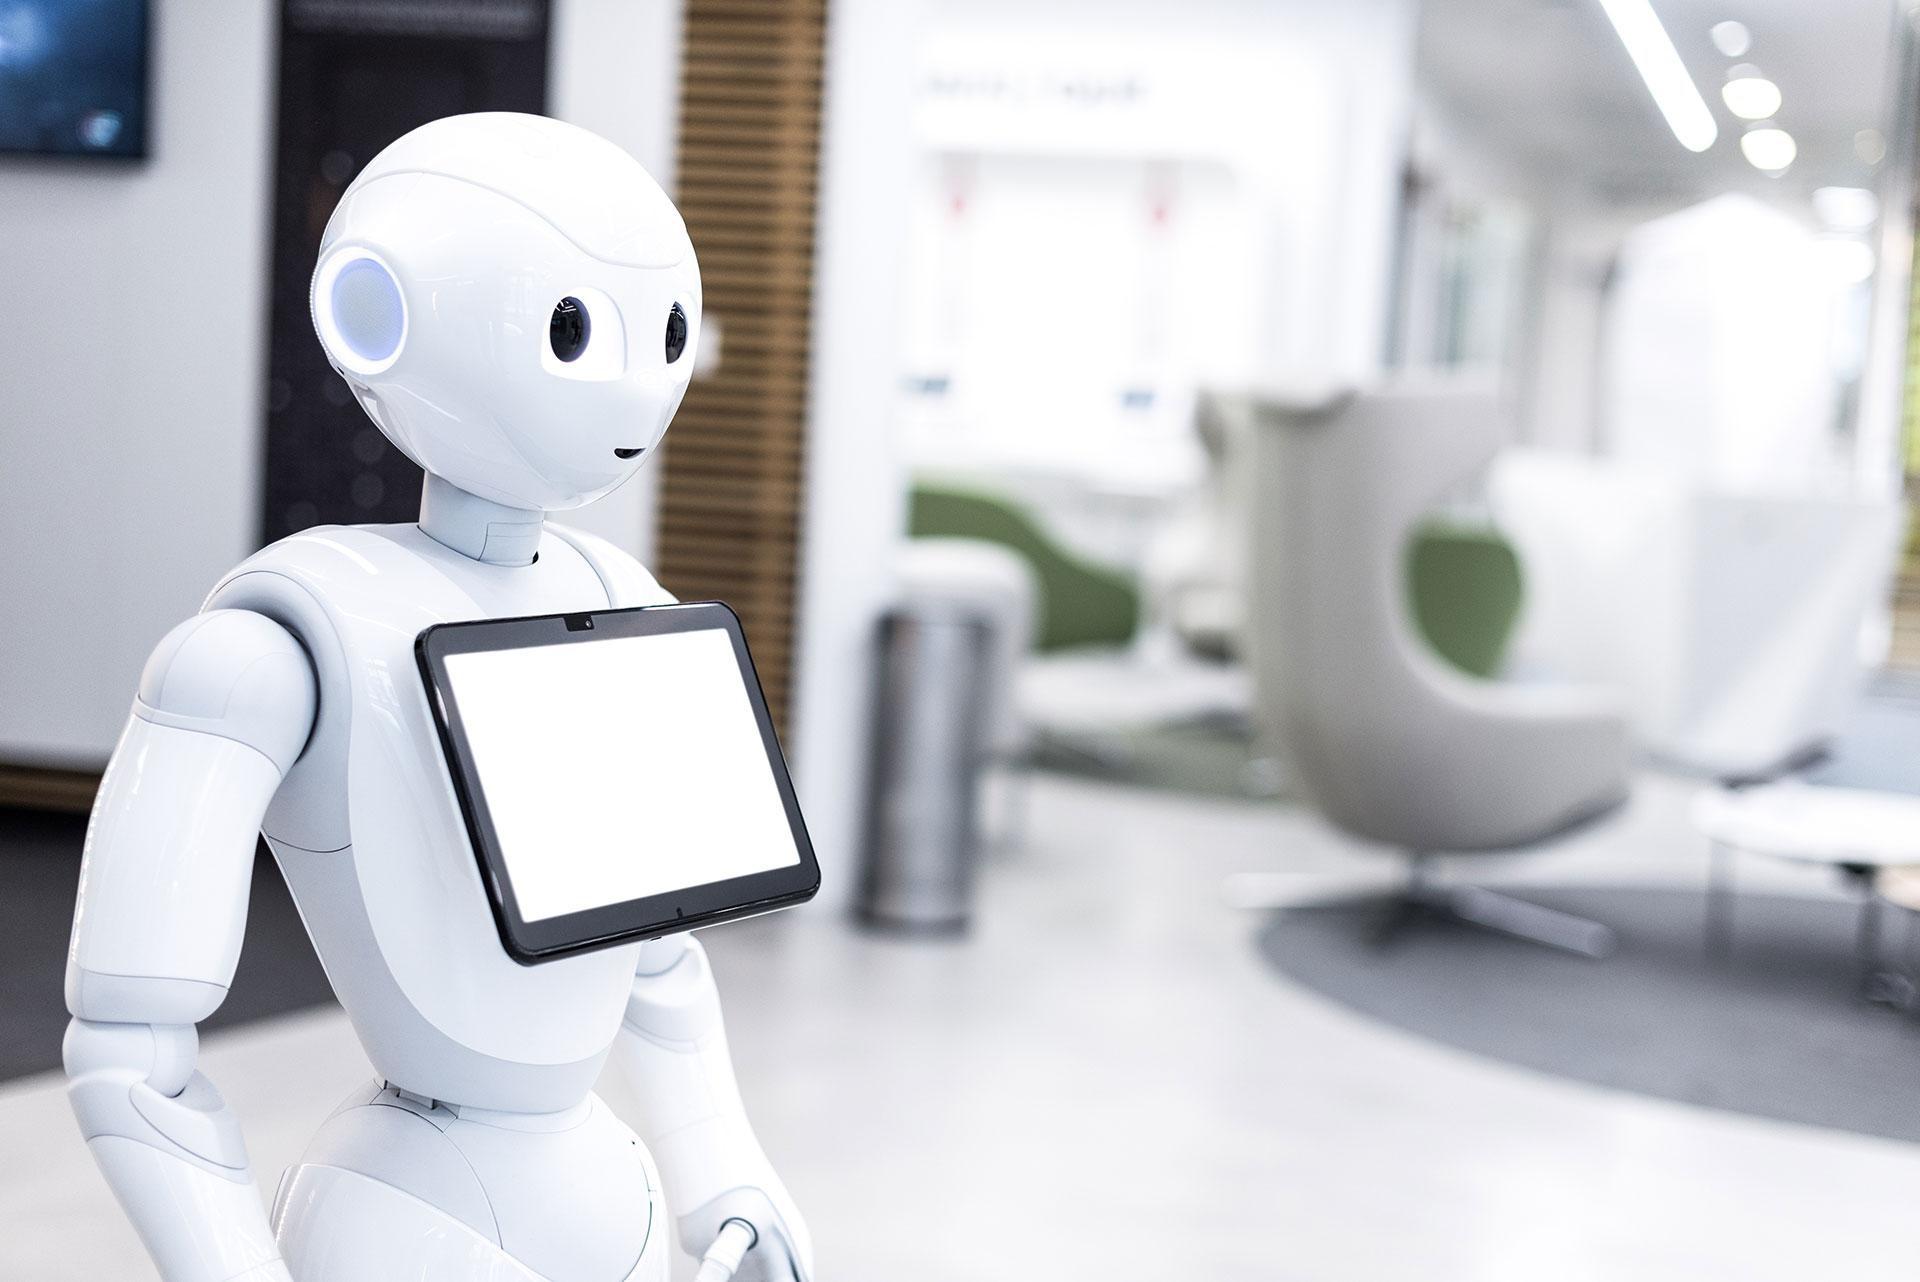 ロボット Insight コロナ禍における非接触サービスを実現するロボット